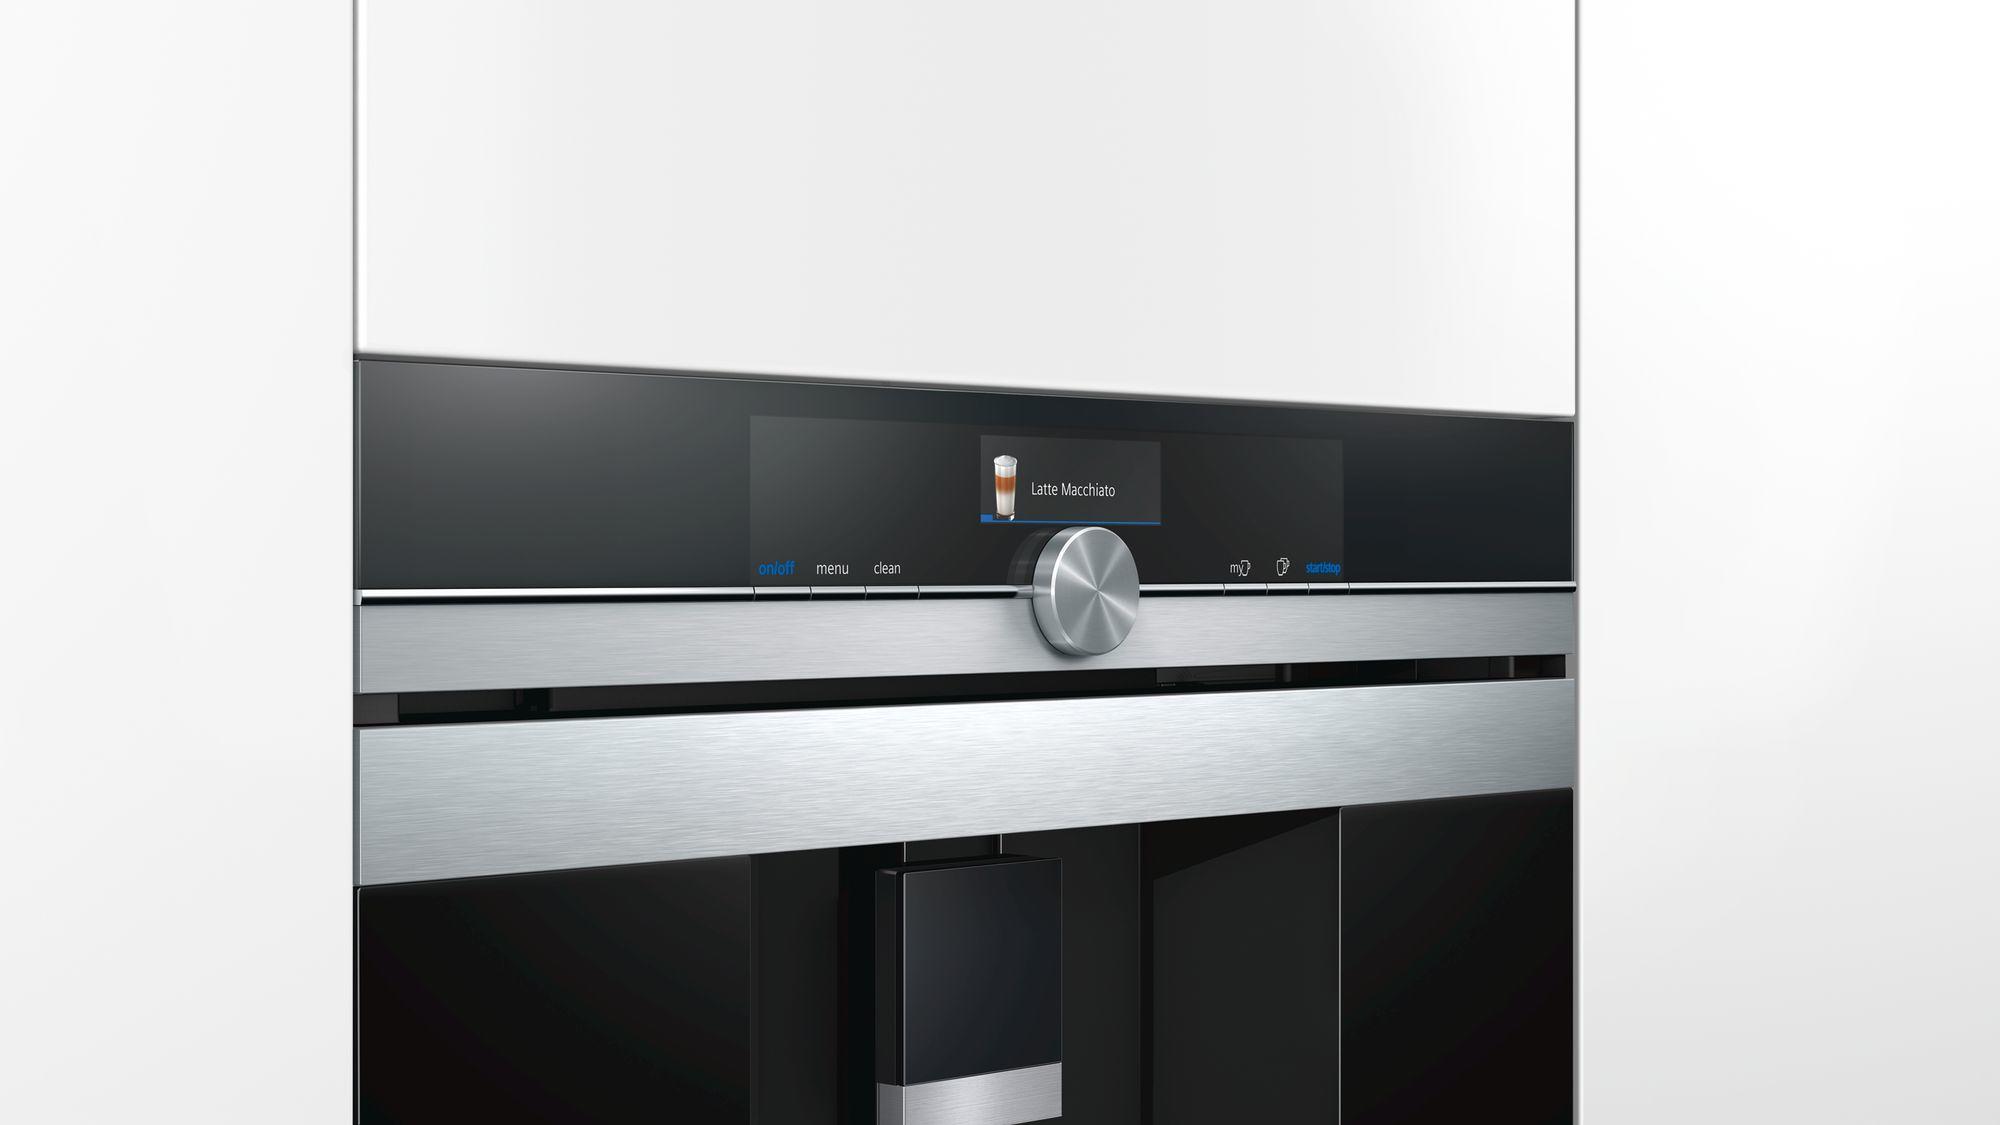 siemens ct636les6 einbau kaffeevollautomat 1600 w senseflow system edelstahl schwarz von. Black Bedroom Furniture Sets. Home Design Ideas